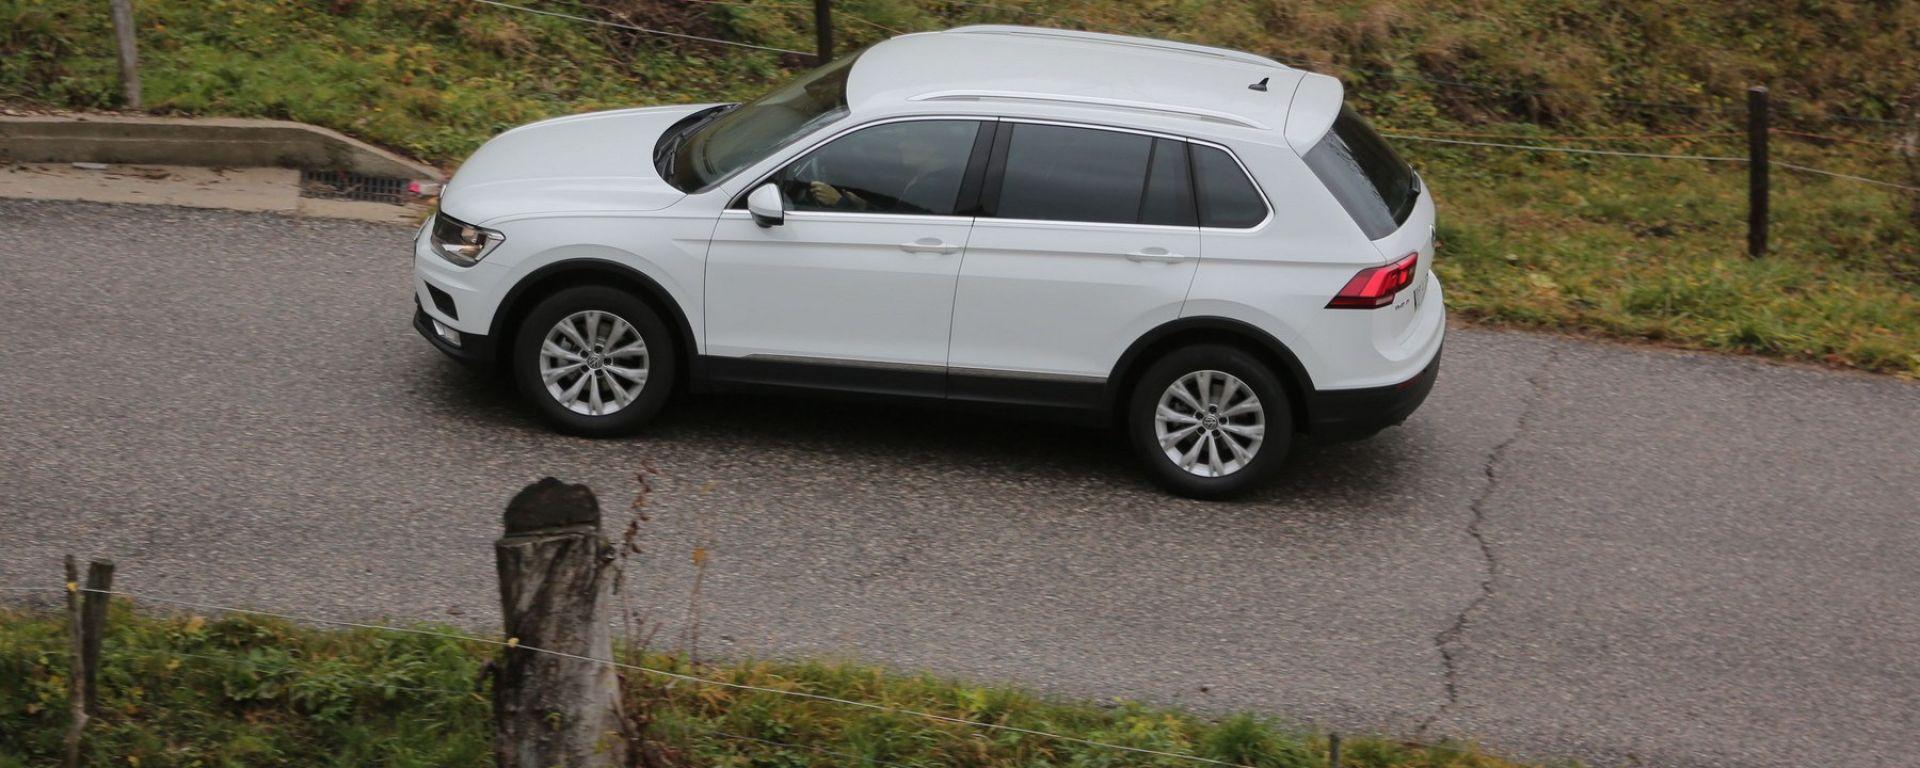 Nuova Volkswagen Tiguan 1.6 TDi: vista laterale dall'alto